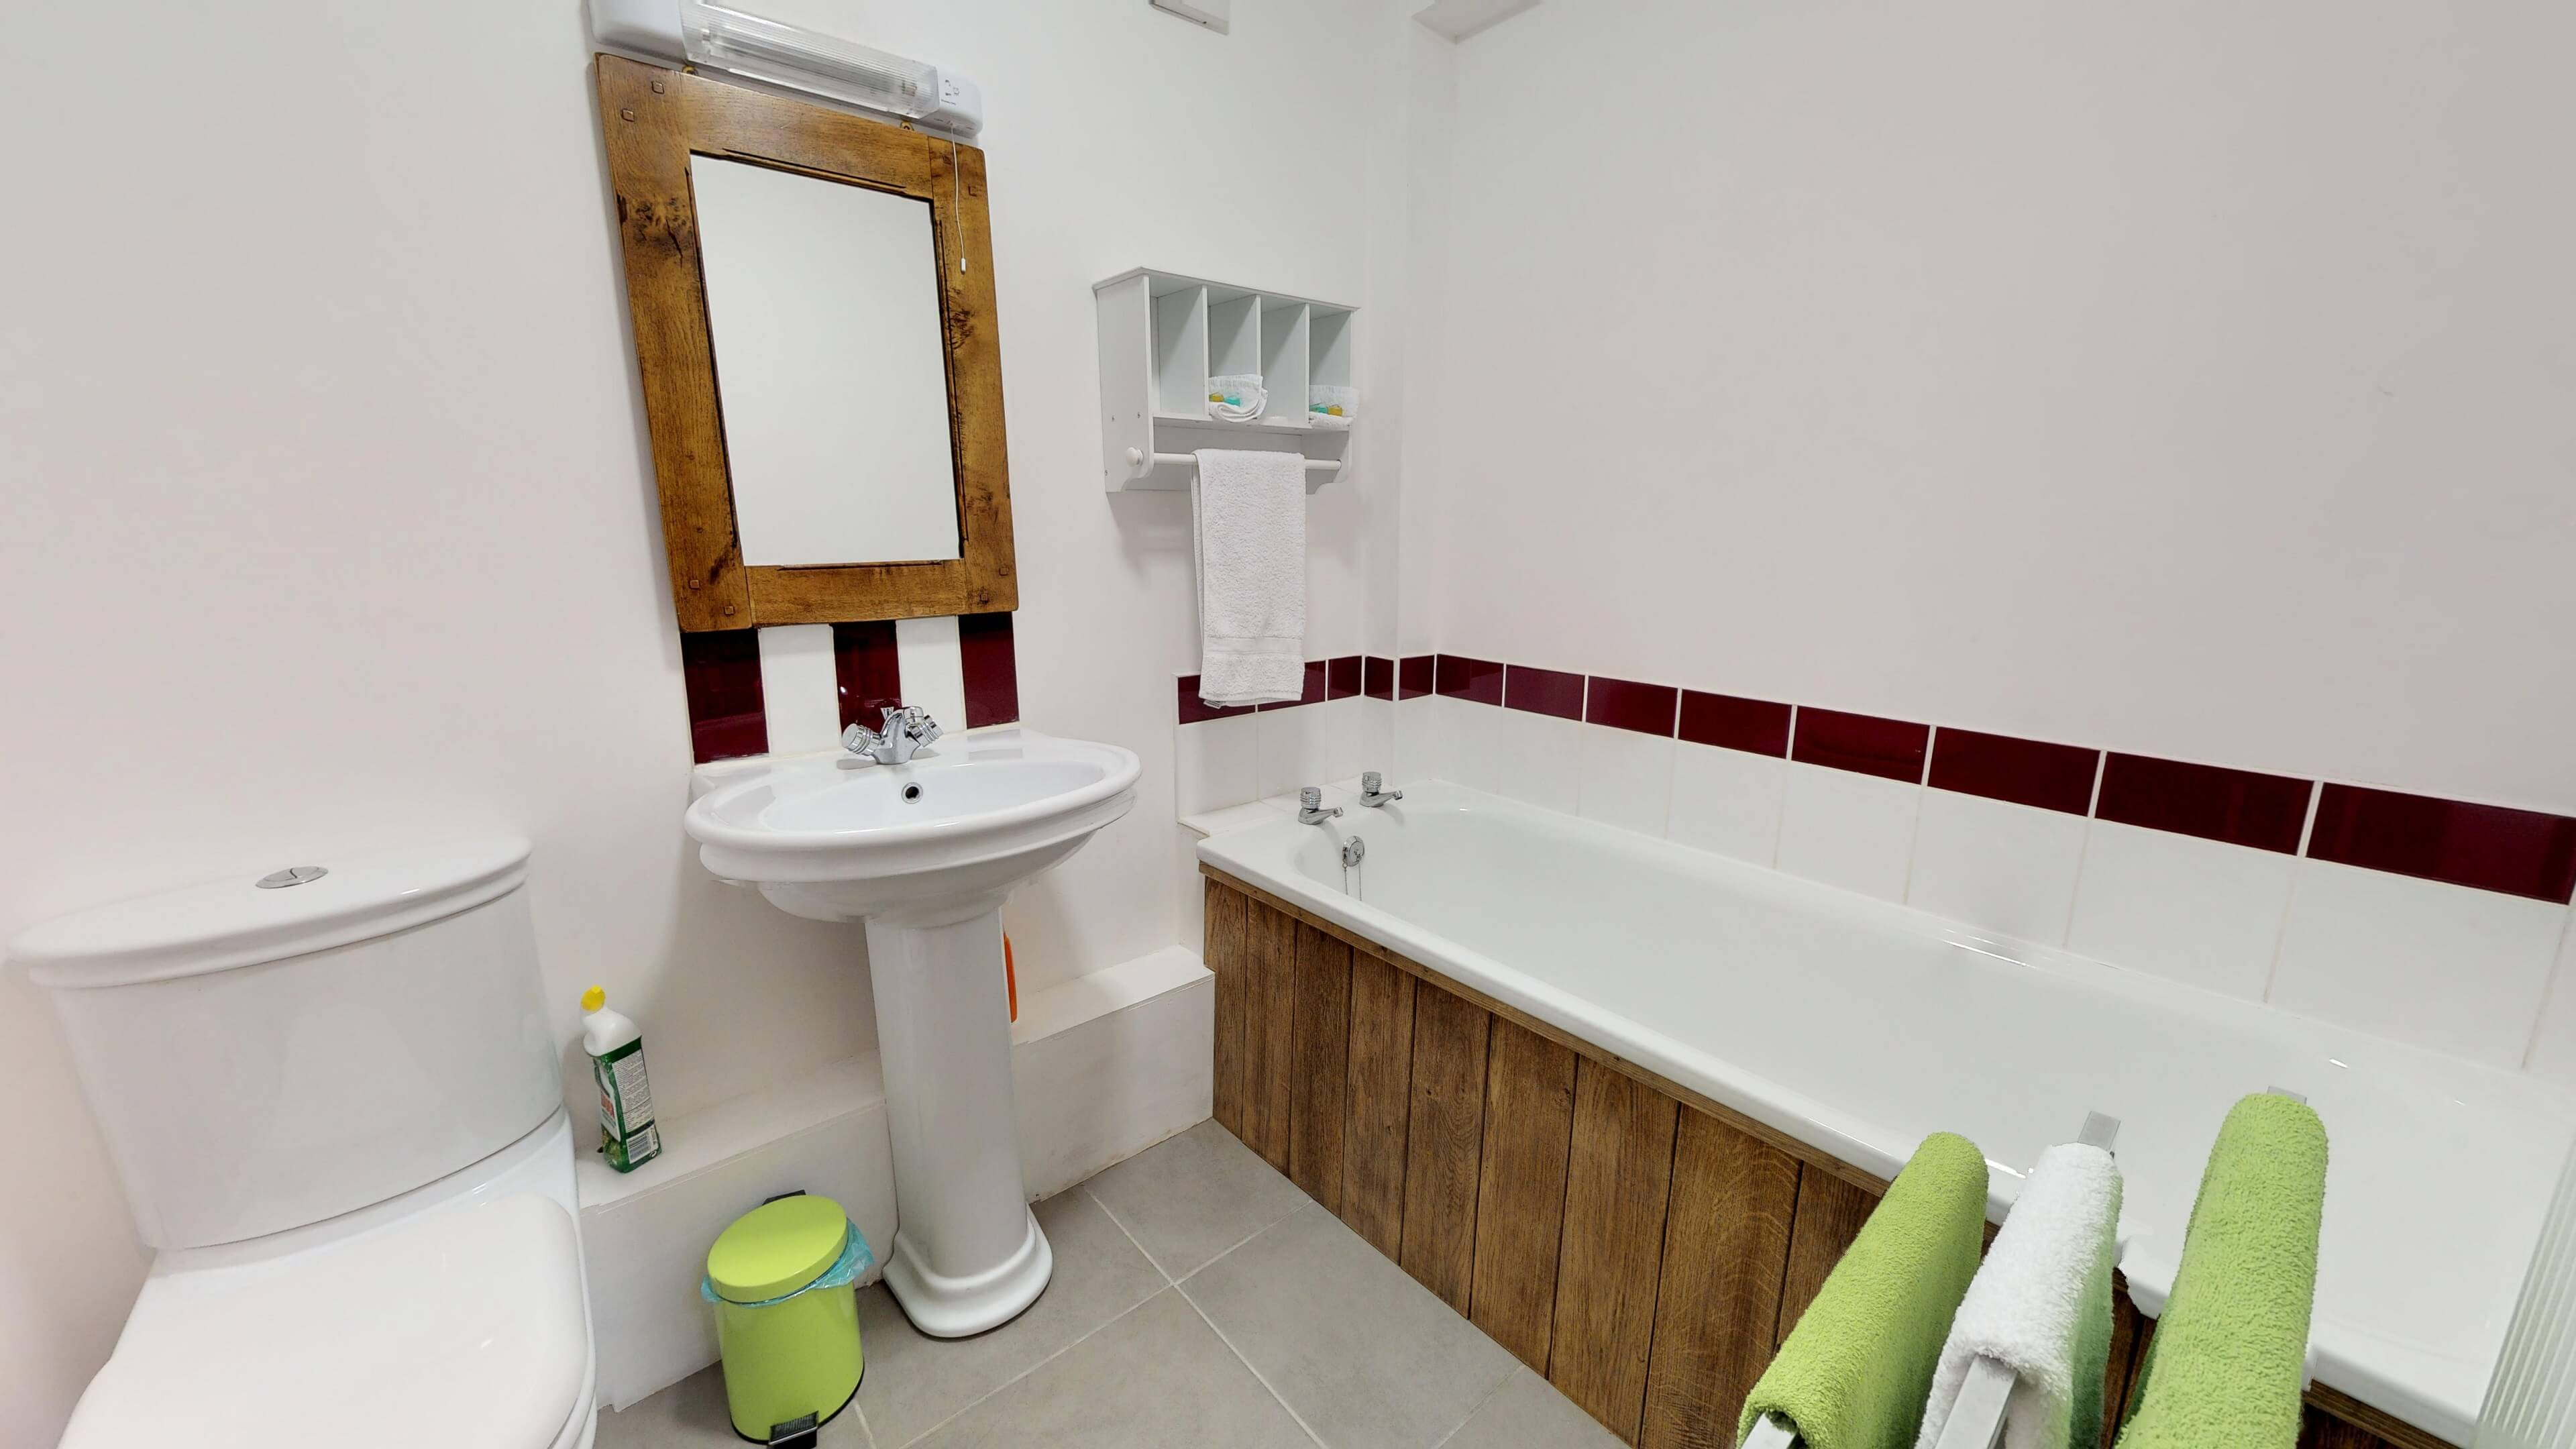 Buffs Lodge Bathroom One